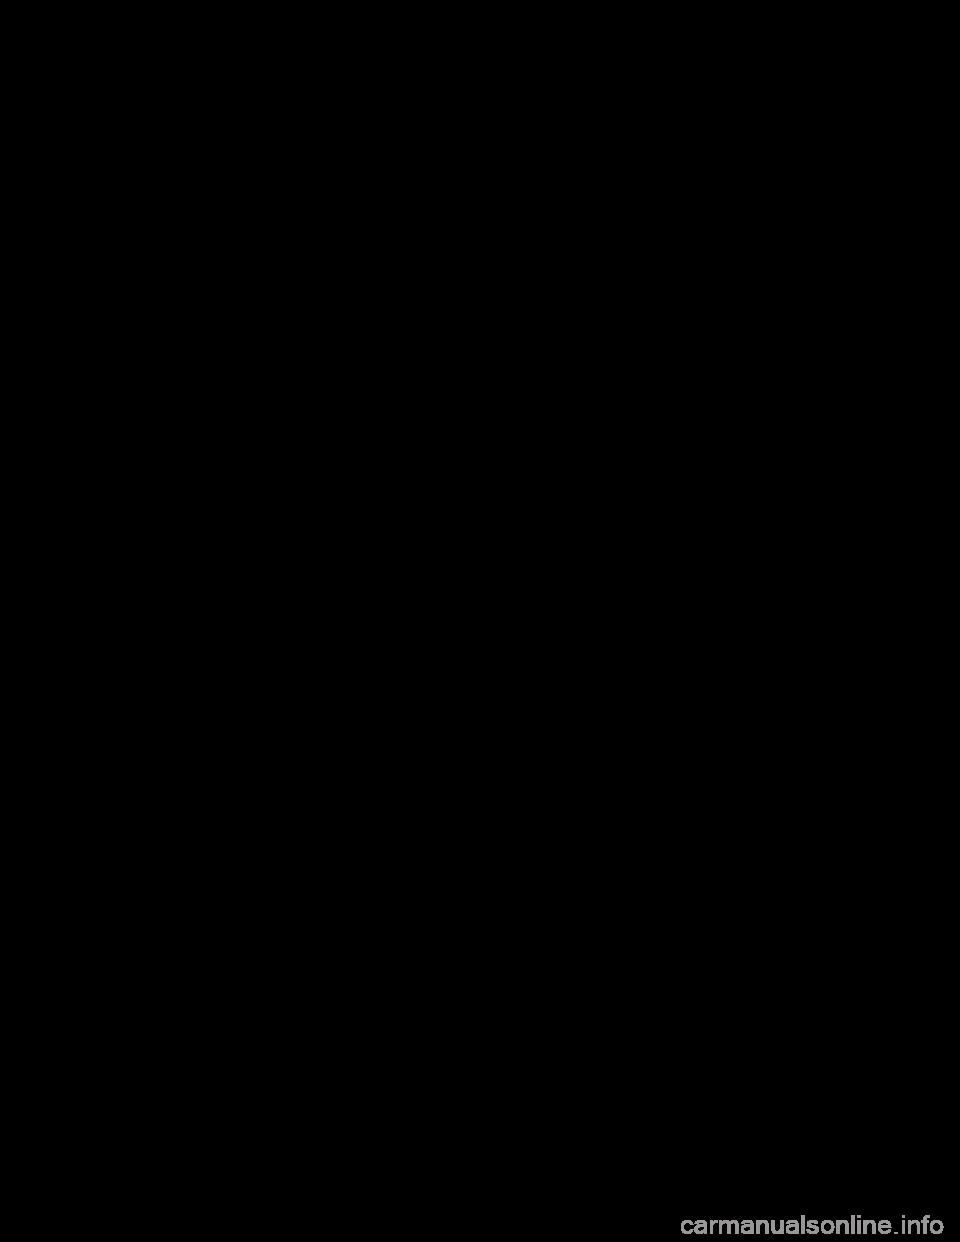 CHRYSLER 300 SRT 2005 1 G